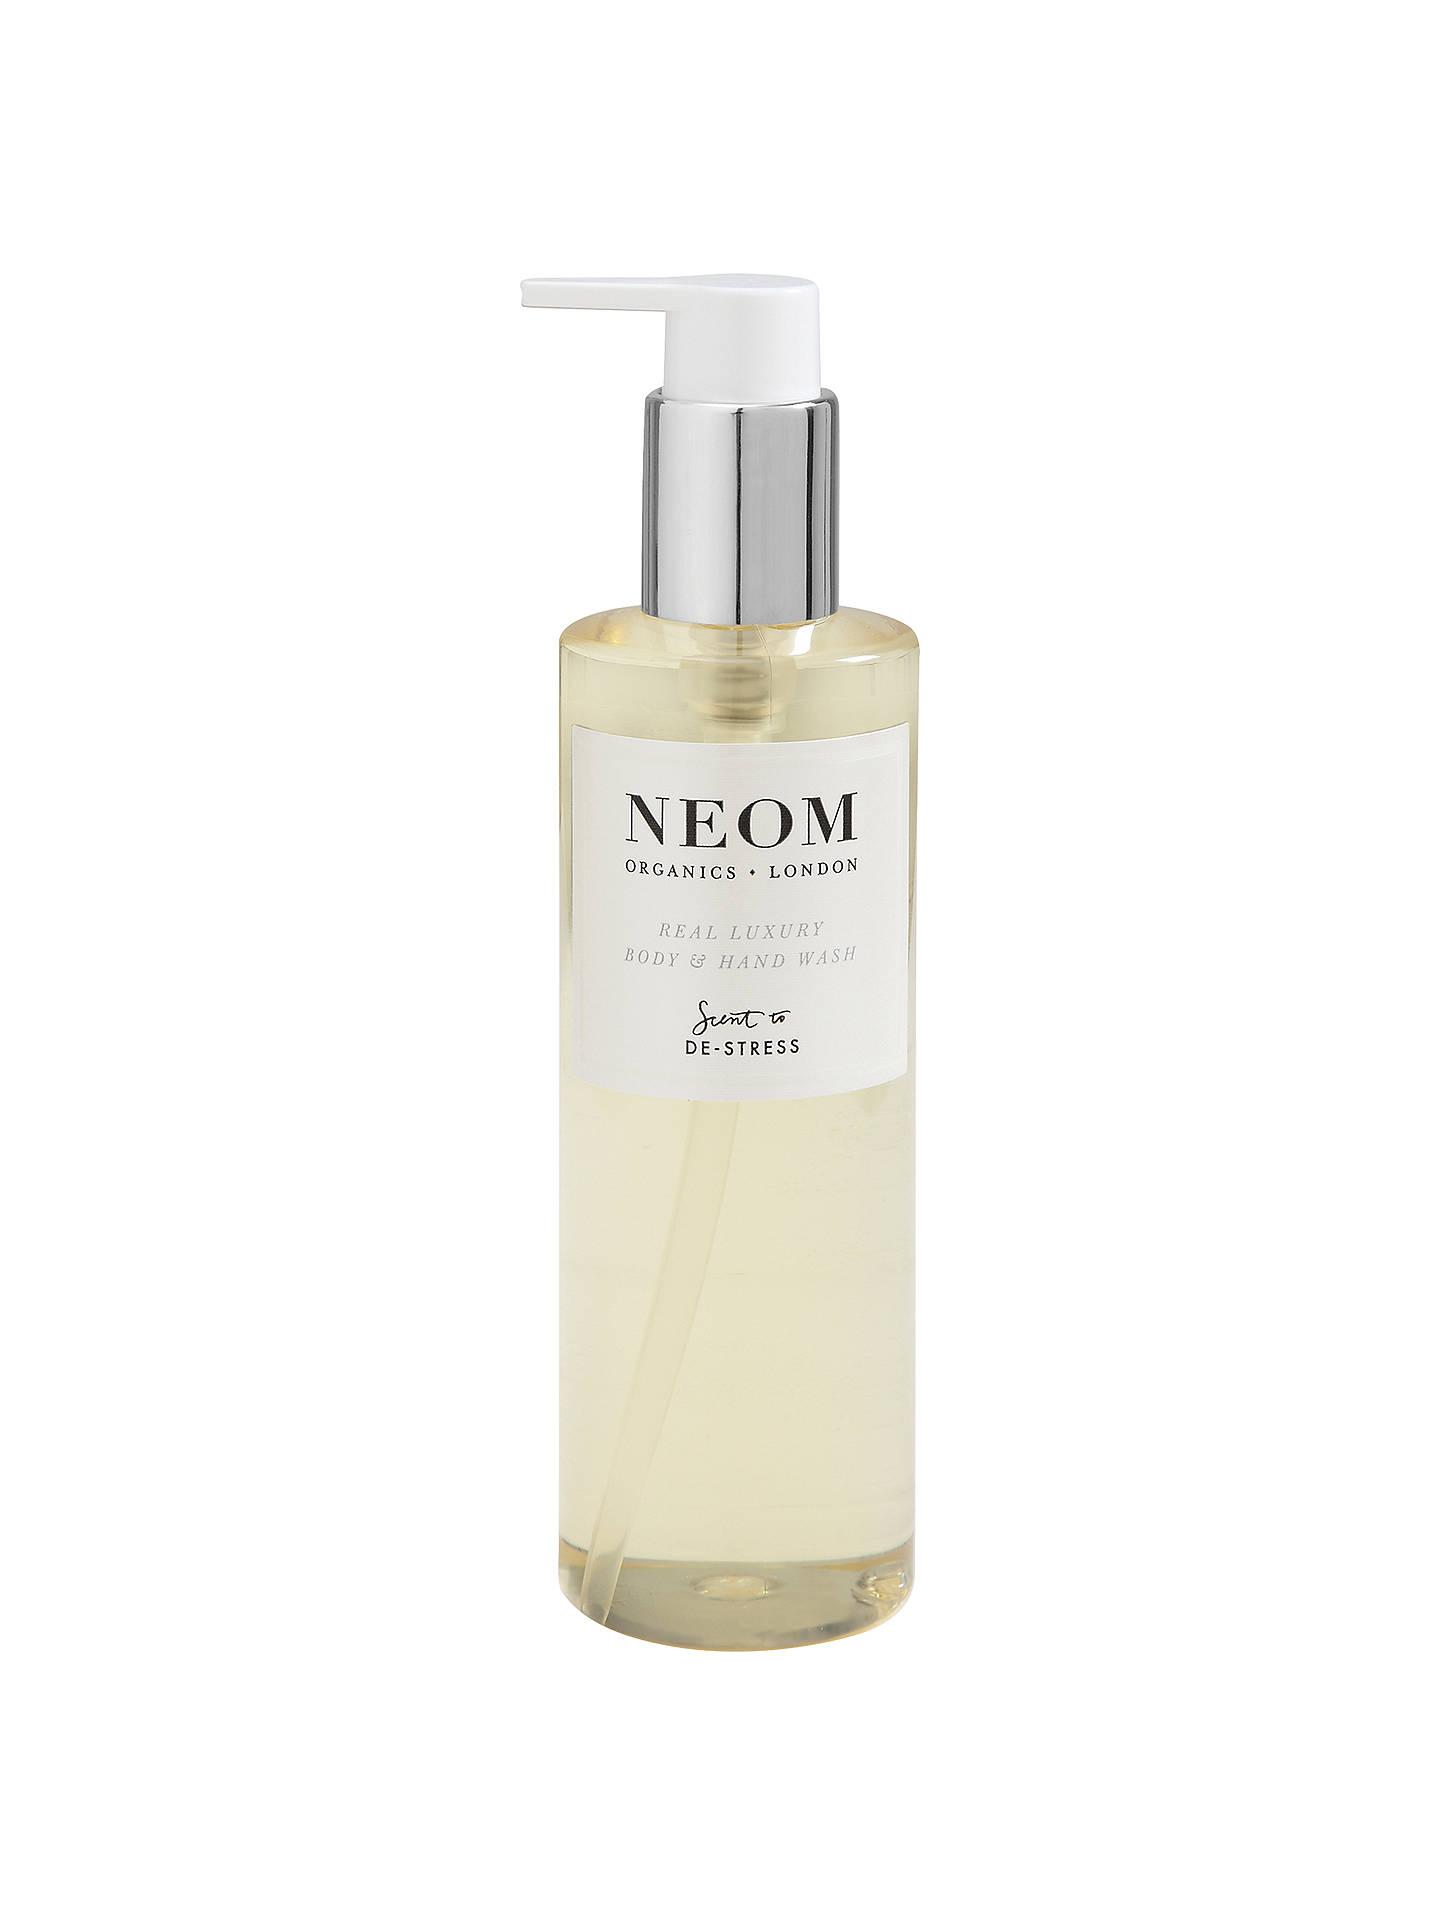 tak tanio odebrać sprzedaje Neom Organics London Real Luxury Body & Hand Wash, 250ml